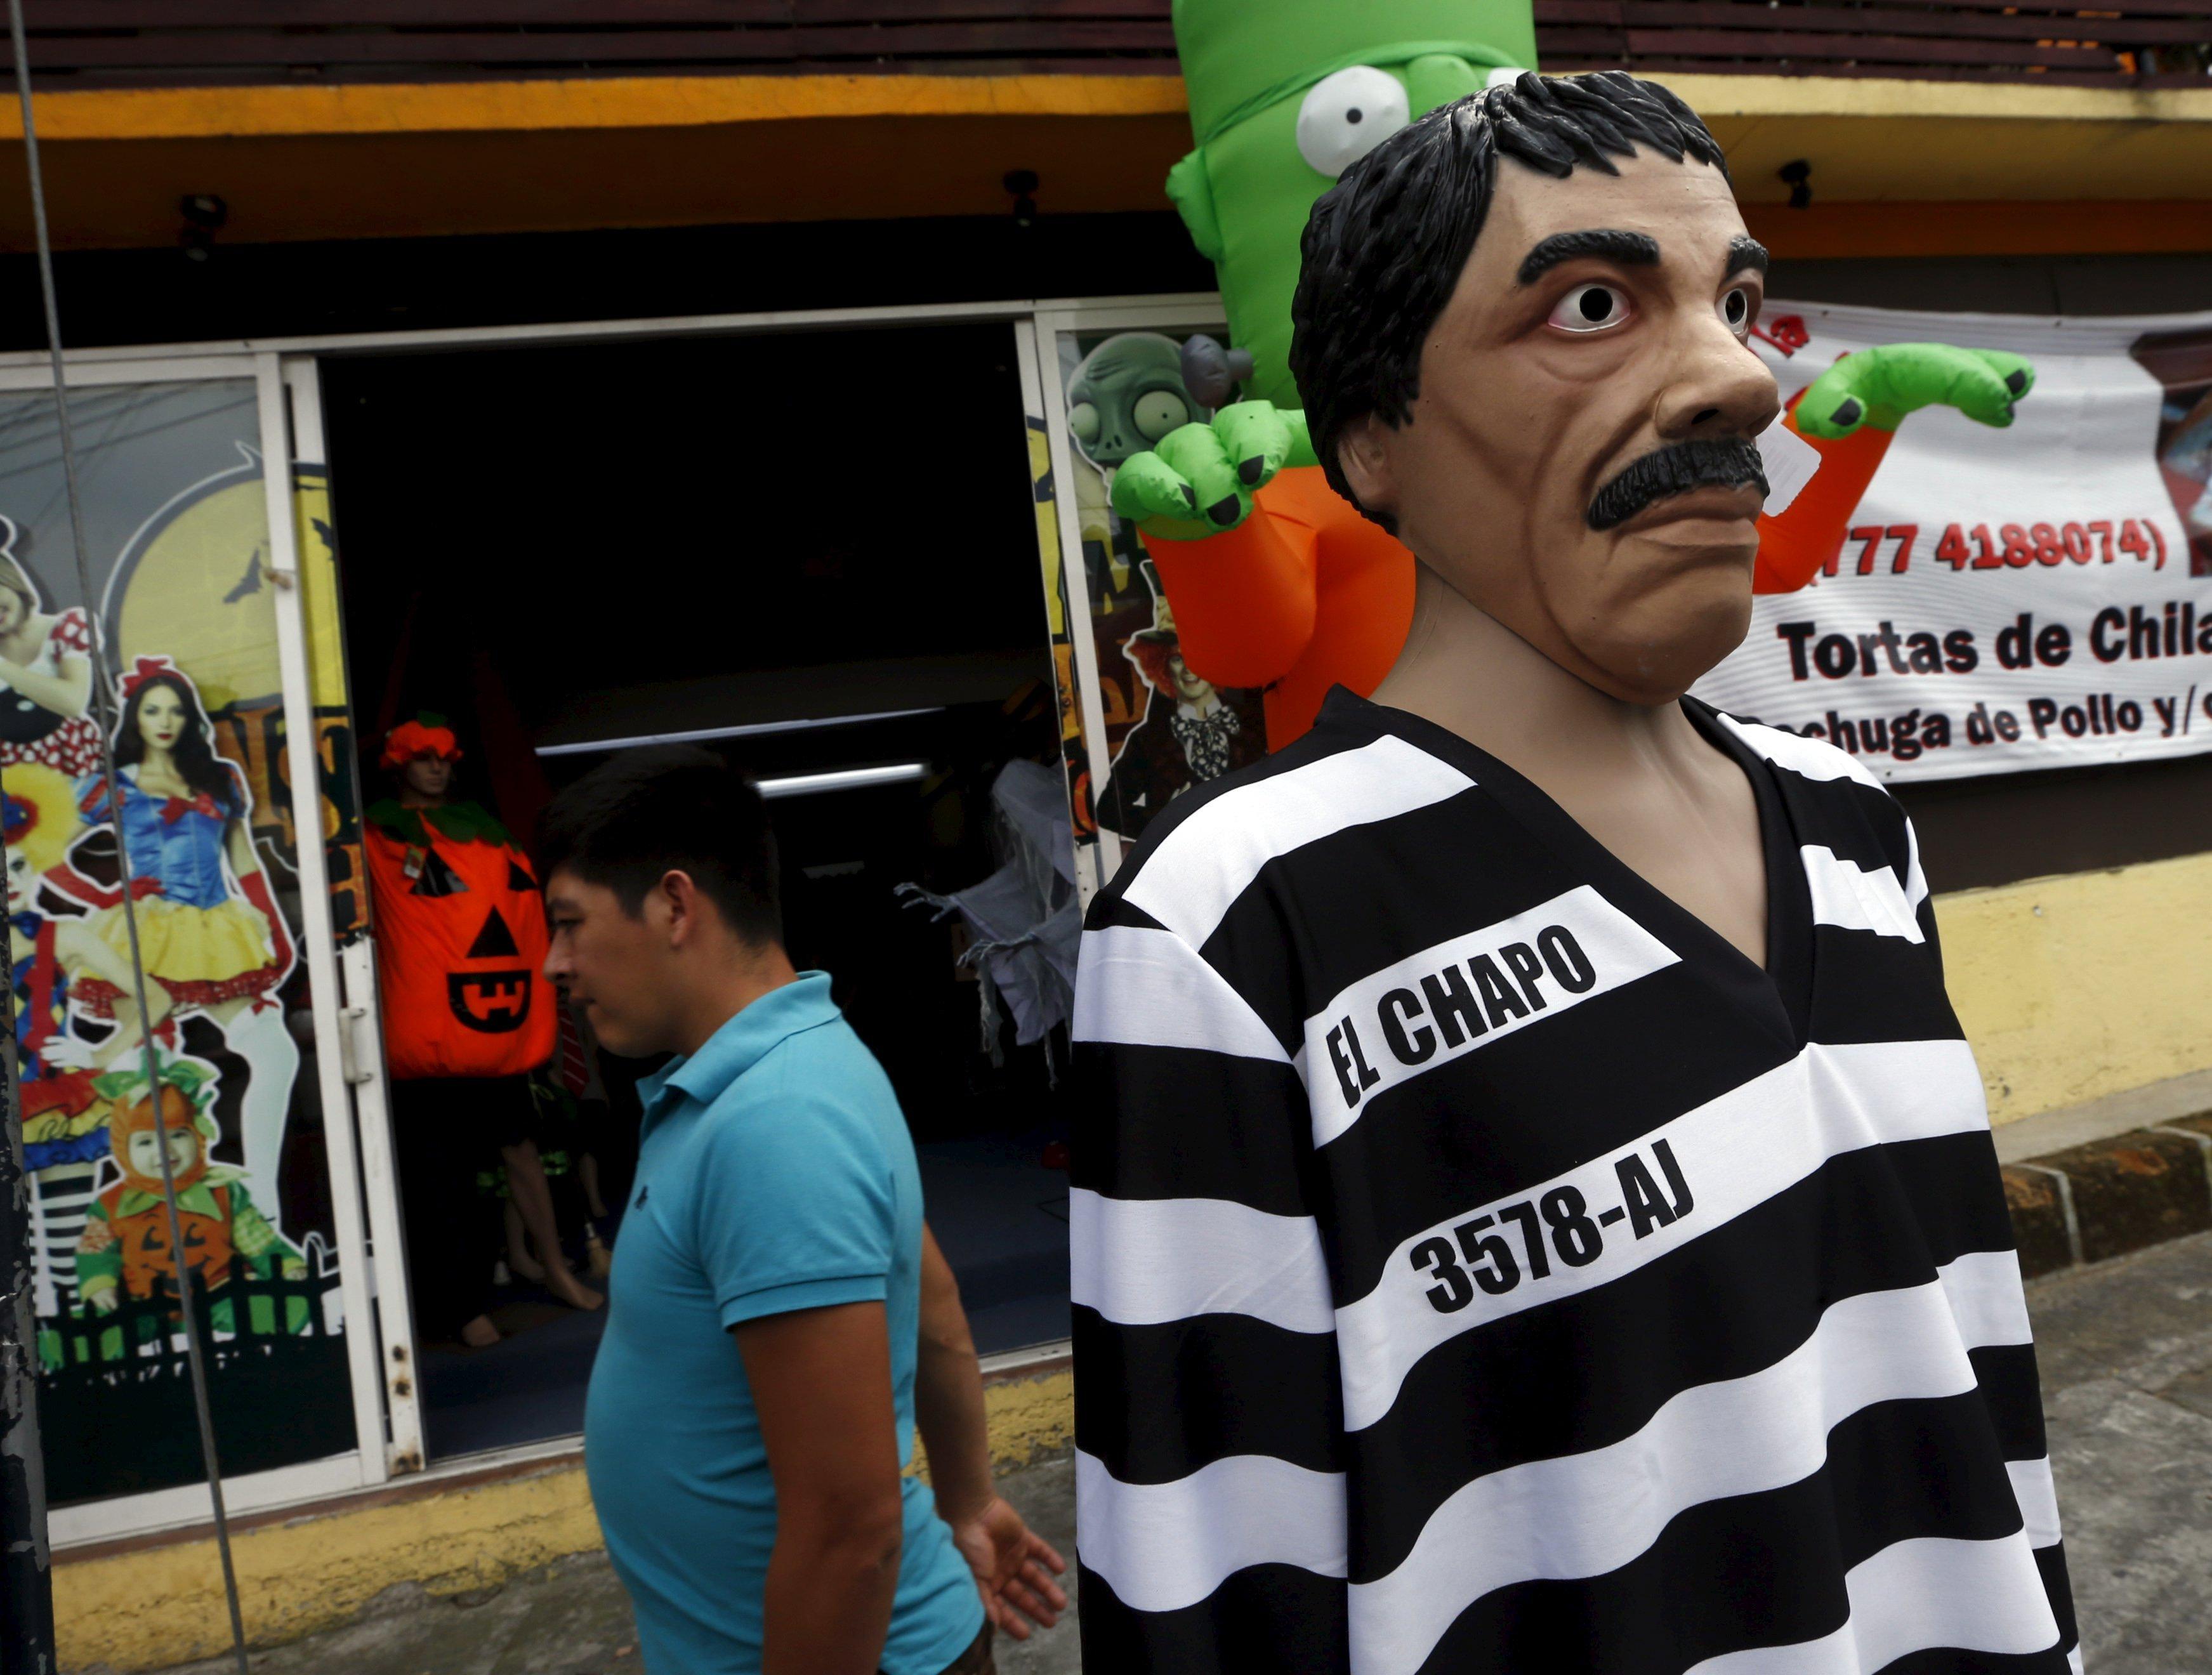 trick or treat  el chapo u0026 39 s here  drug kingpin u0026 39 s costume